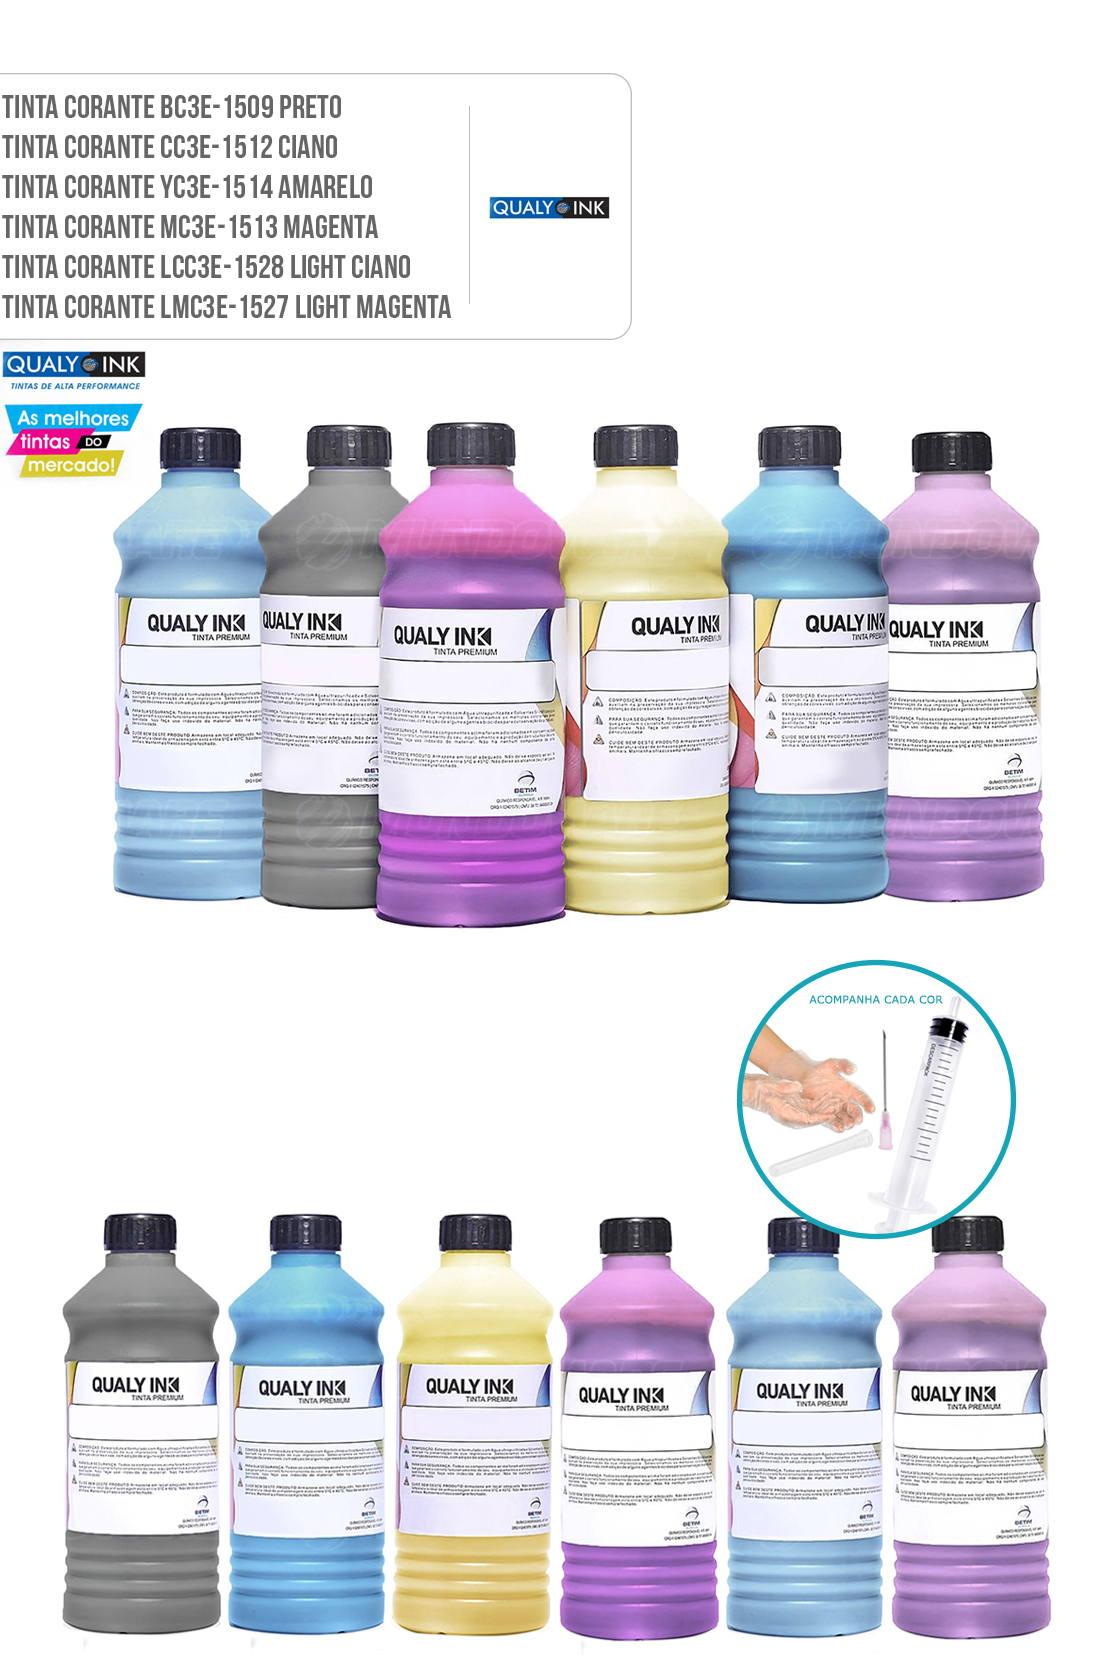 Kit Colorido 6 Cores de Refil de Tinta Qualy-Ink Corante para Epson série 673 impressoras L800 L805 L810 L850 L1800